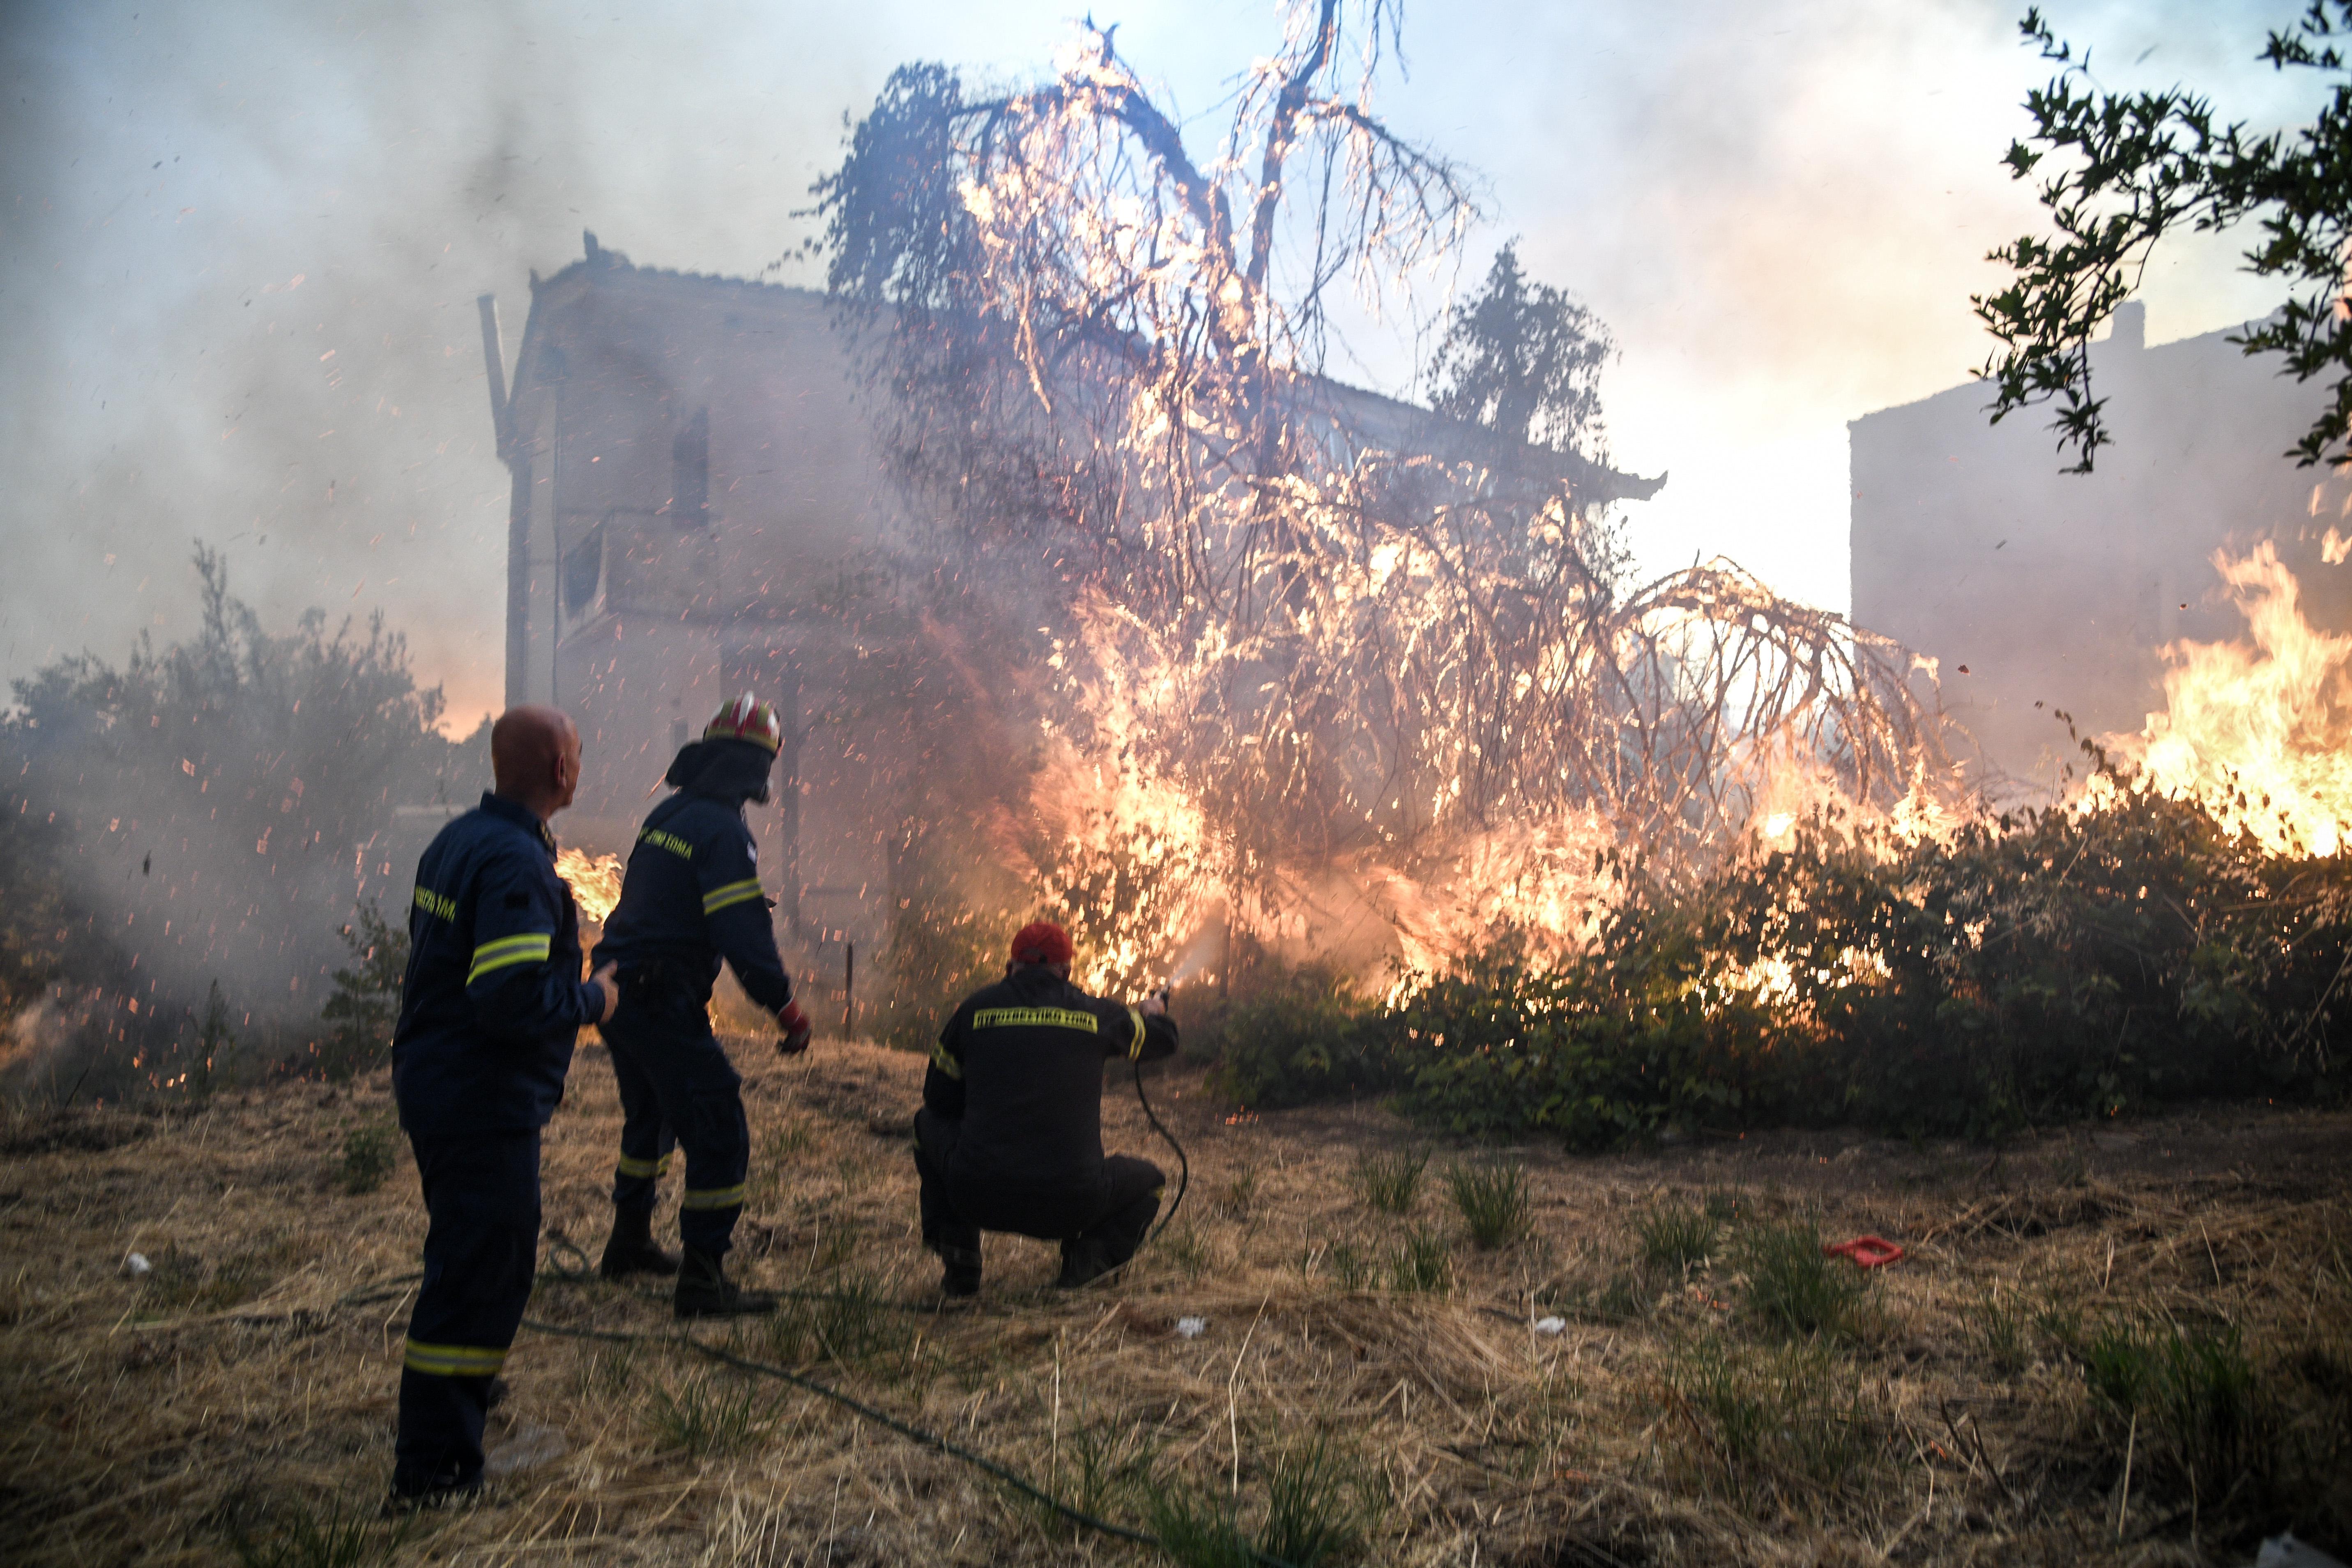 Πυροσβέστες προσπαθούν να σβήσουν δένδρο που φλέγεται έξω από ένα σπίτι